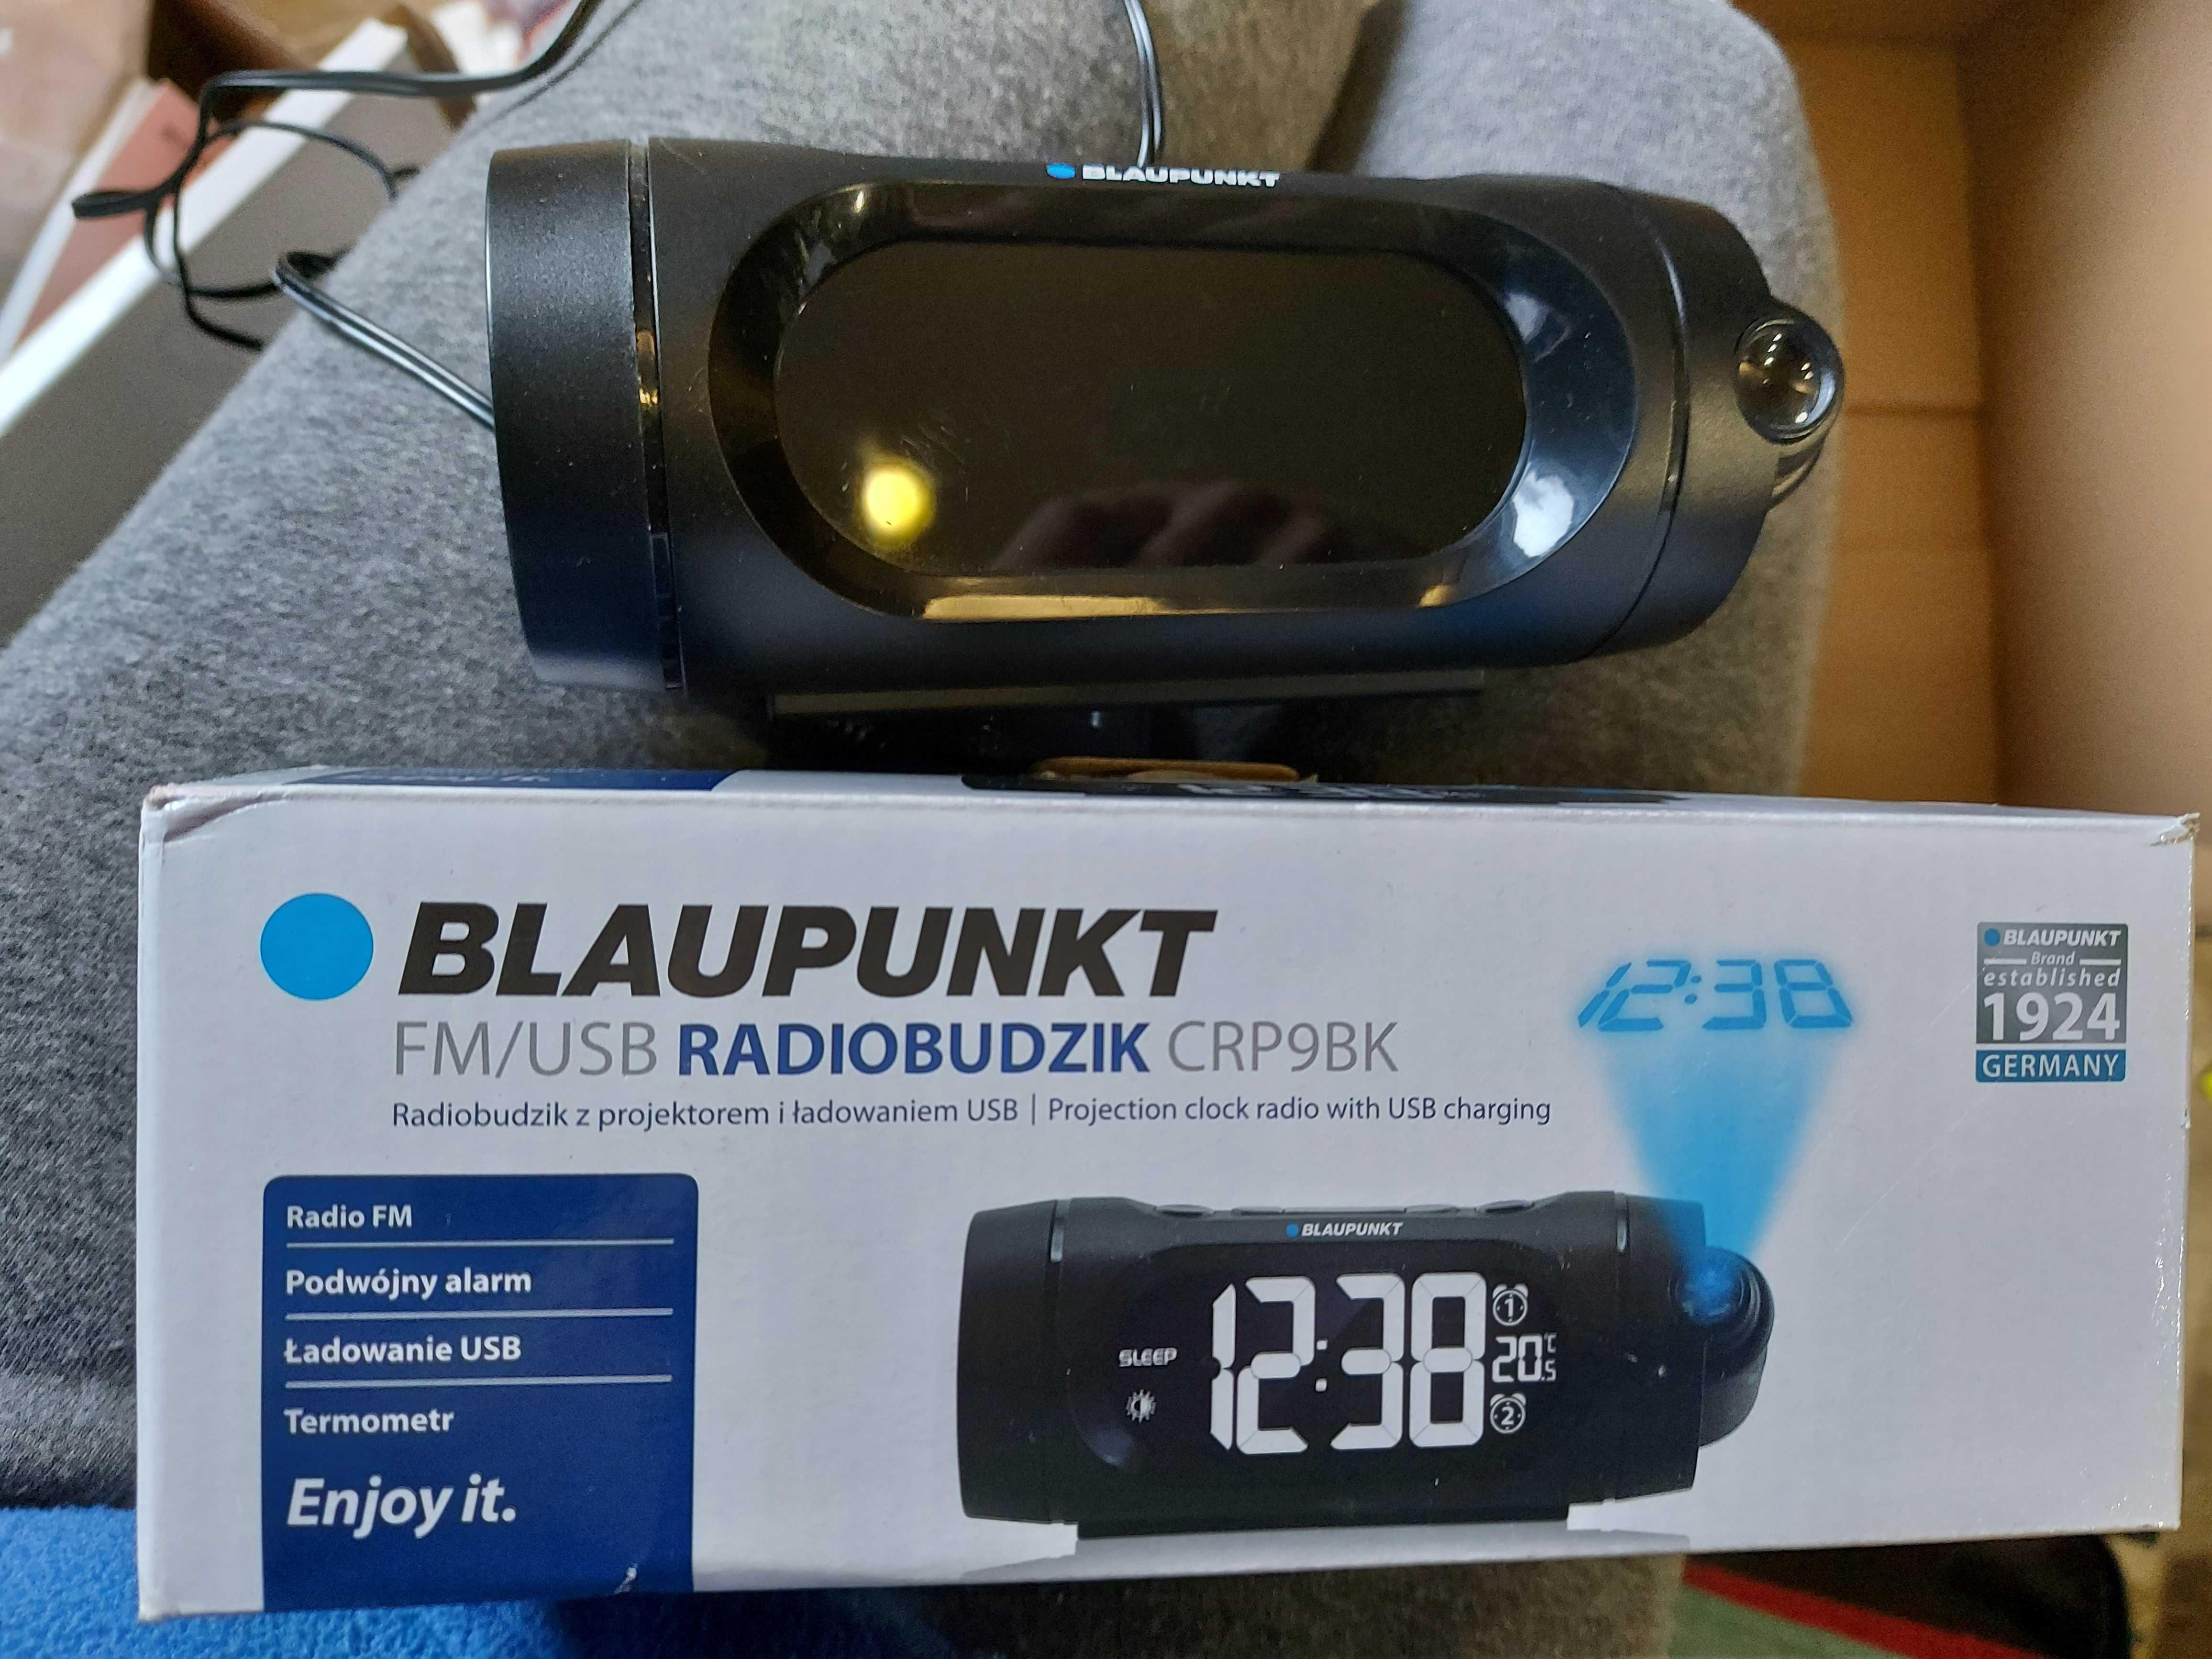 Sprzedam radio budzik blaupunkt